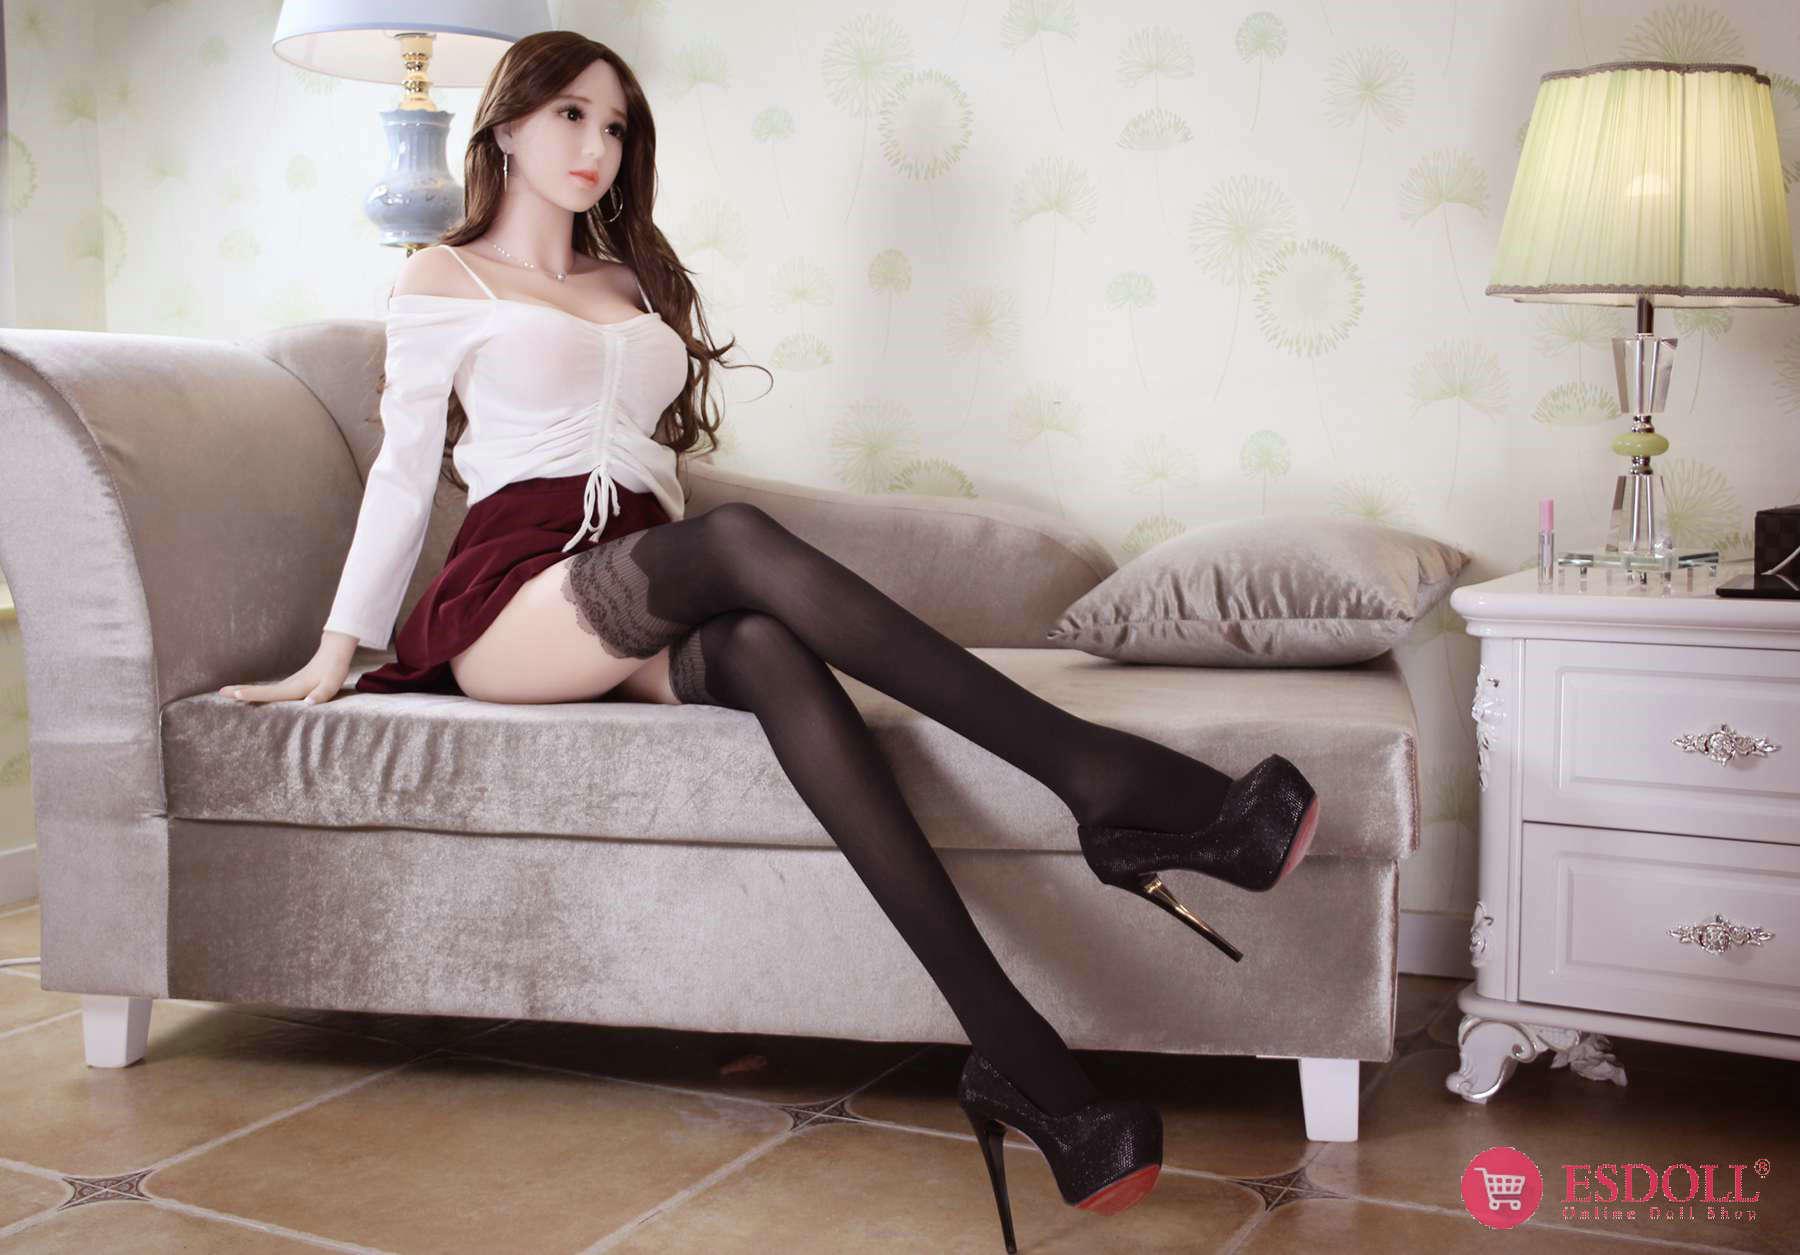 Ann 165cm sex doll - 18